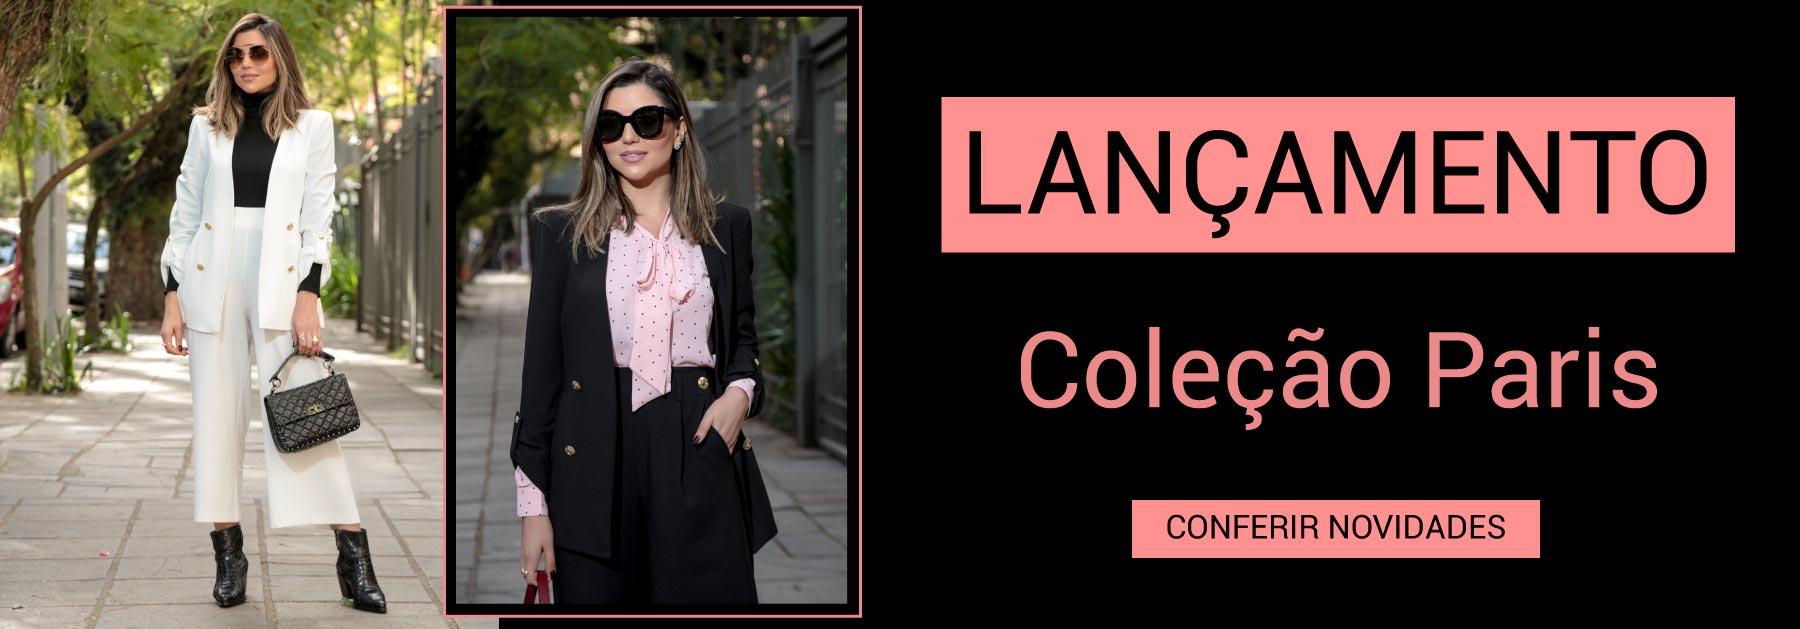 lançamento-blazers-novidade-colecao-paris-2020-primavera-paula-feijo-unique-alfaiataria